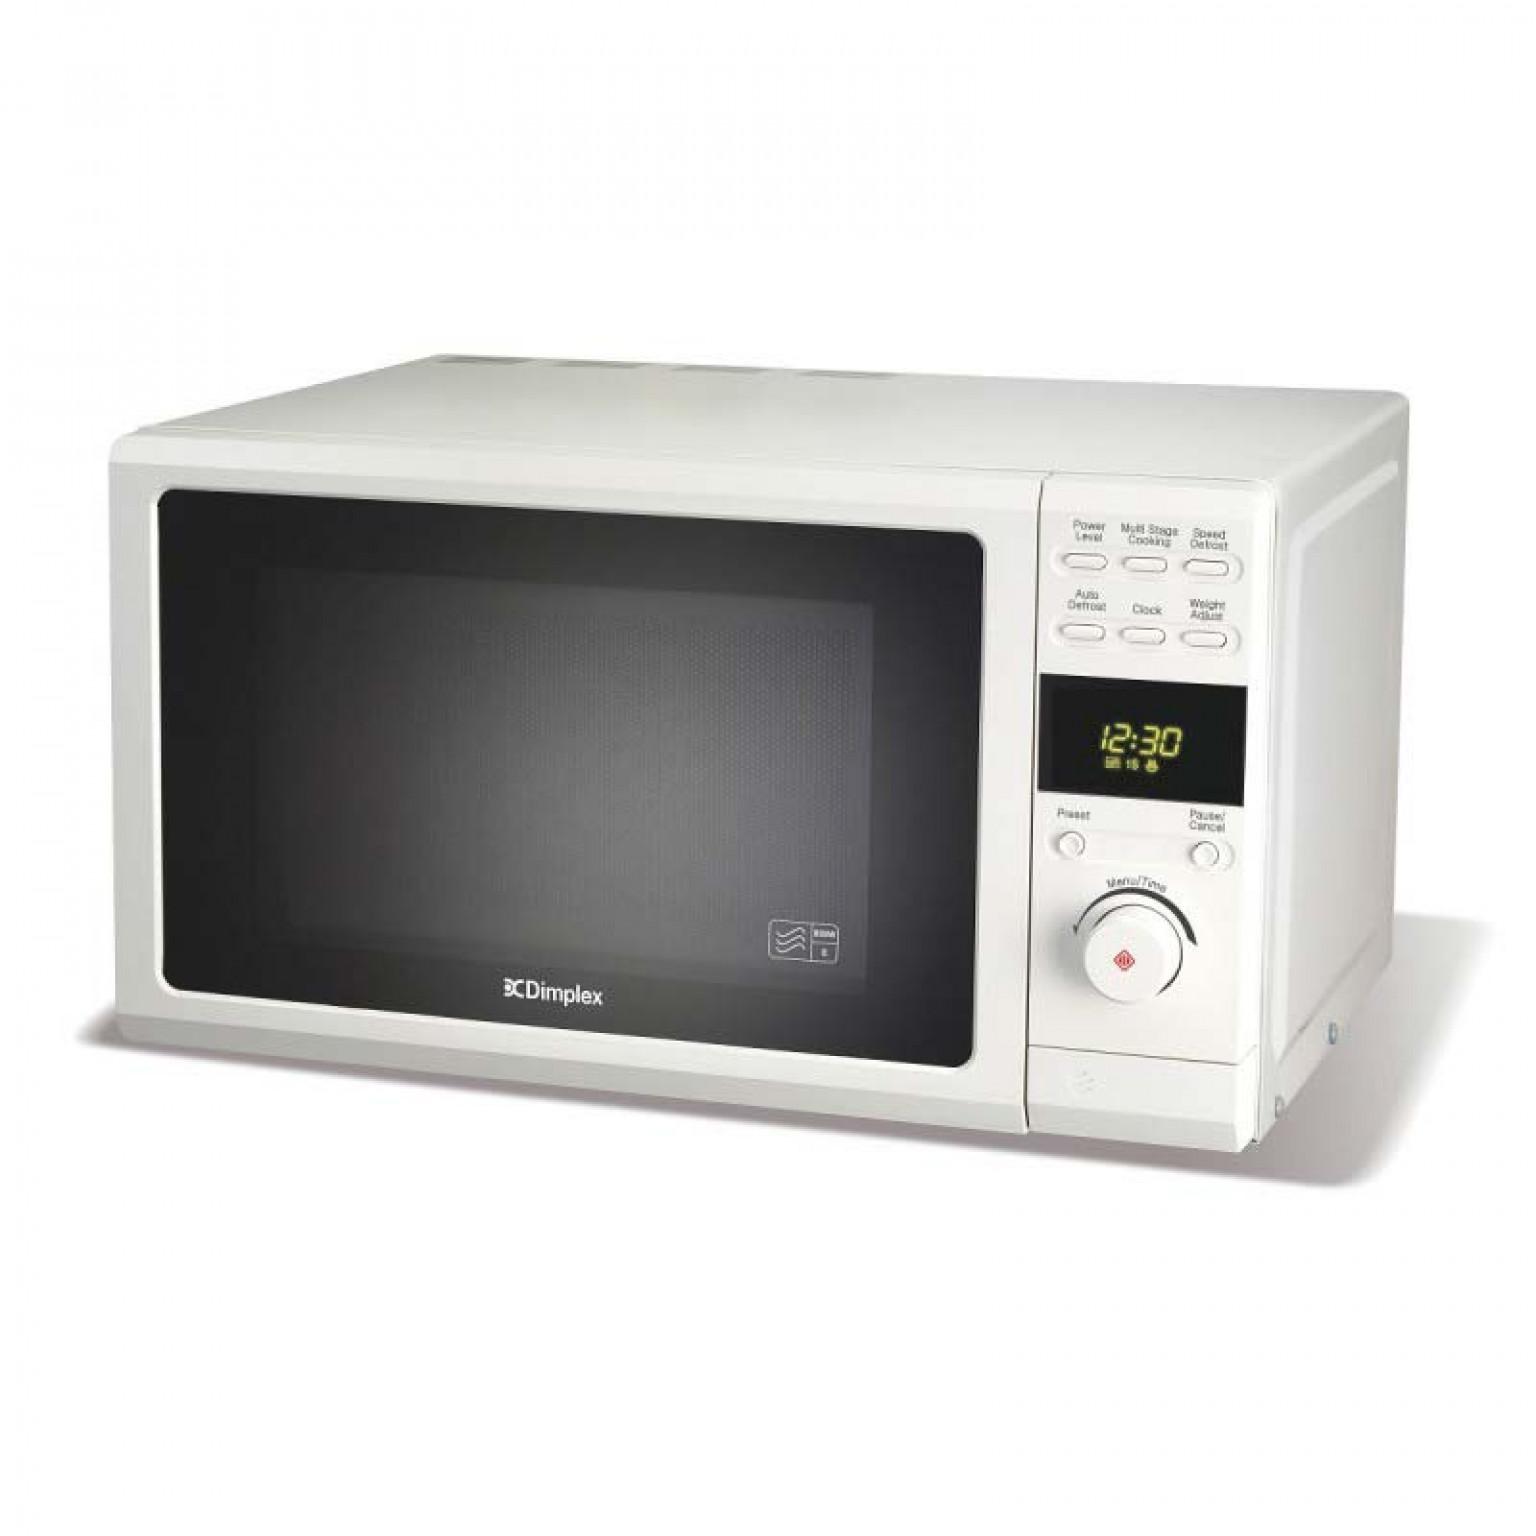 Dimplex 800W 20 Litre Microwave | 980534